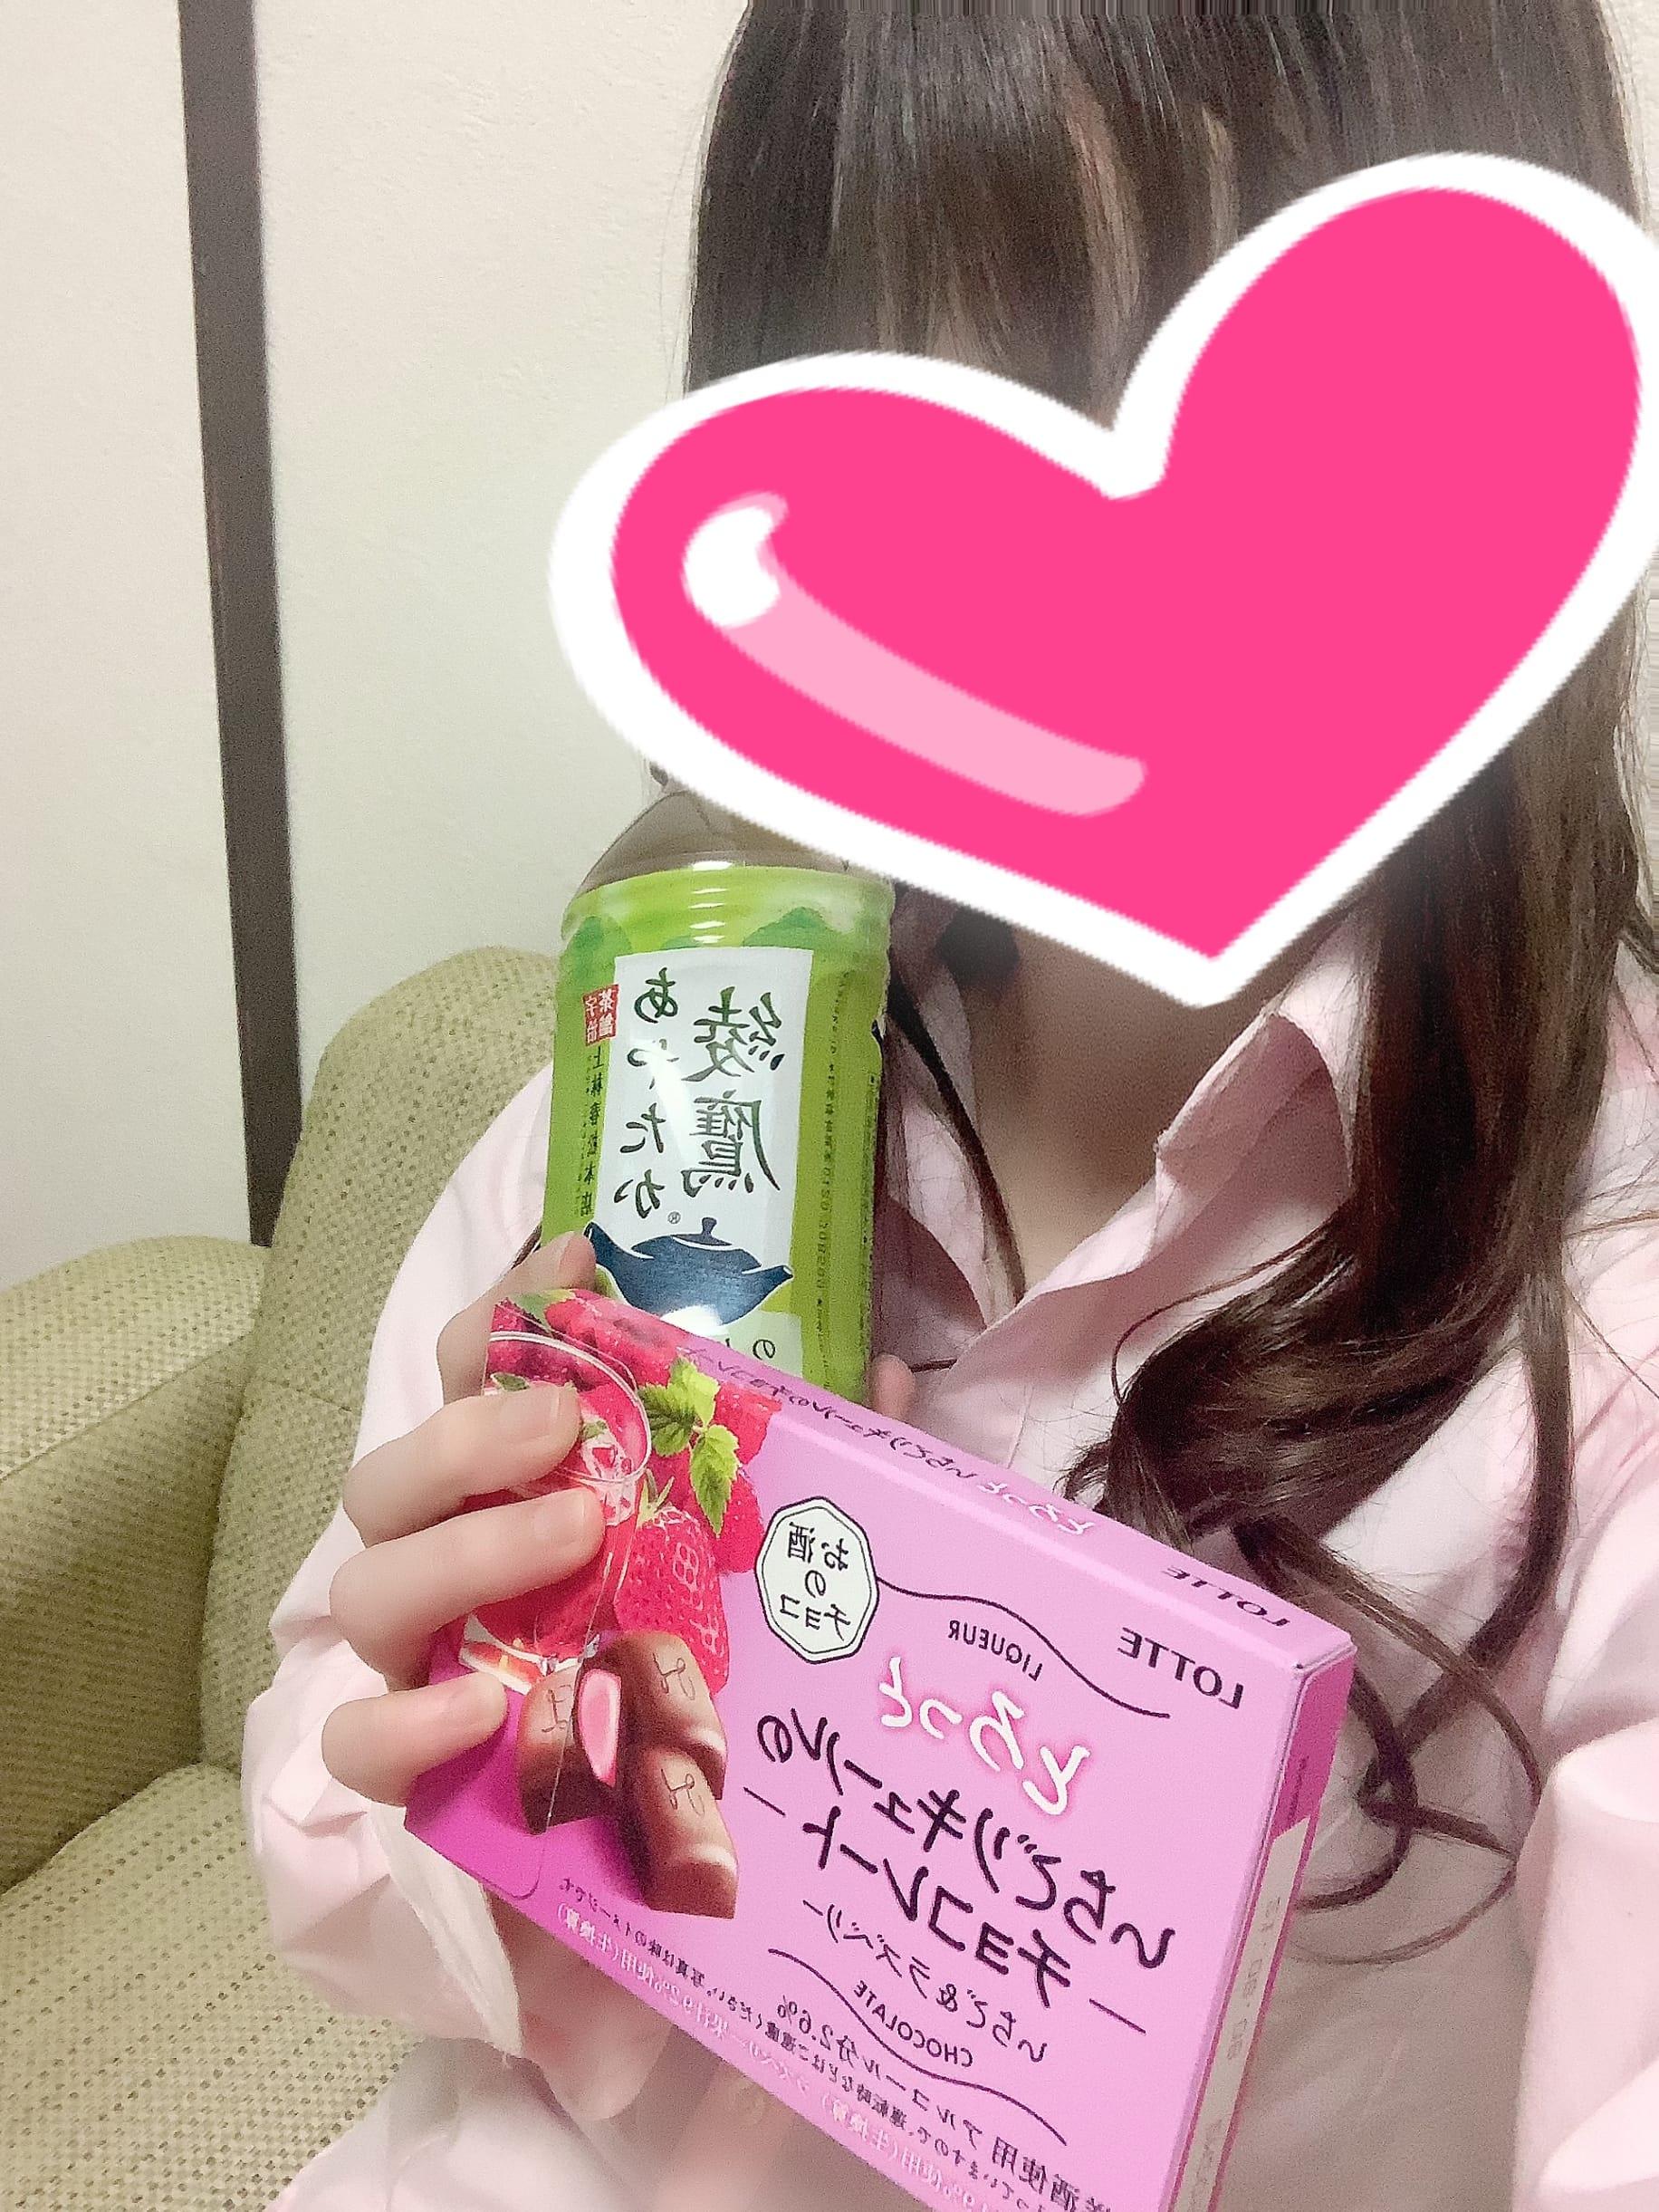 「昨日のお客様♡」04/19(月) 15:51 | まいの写メ・風俗動画